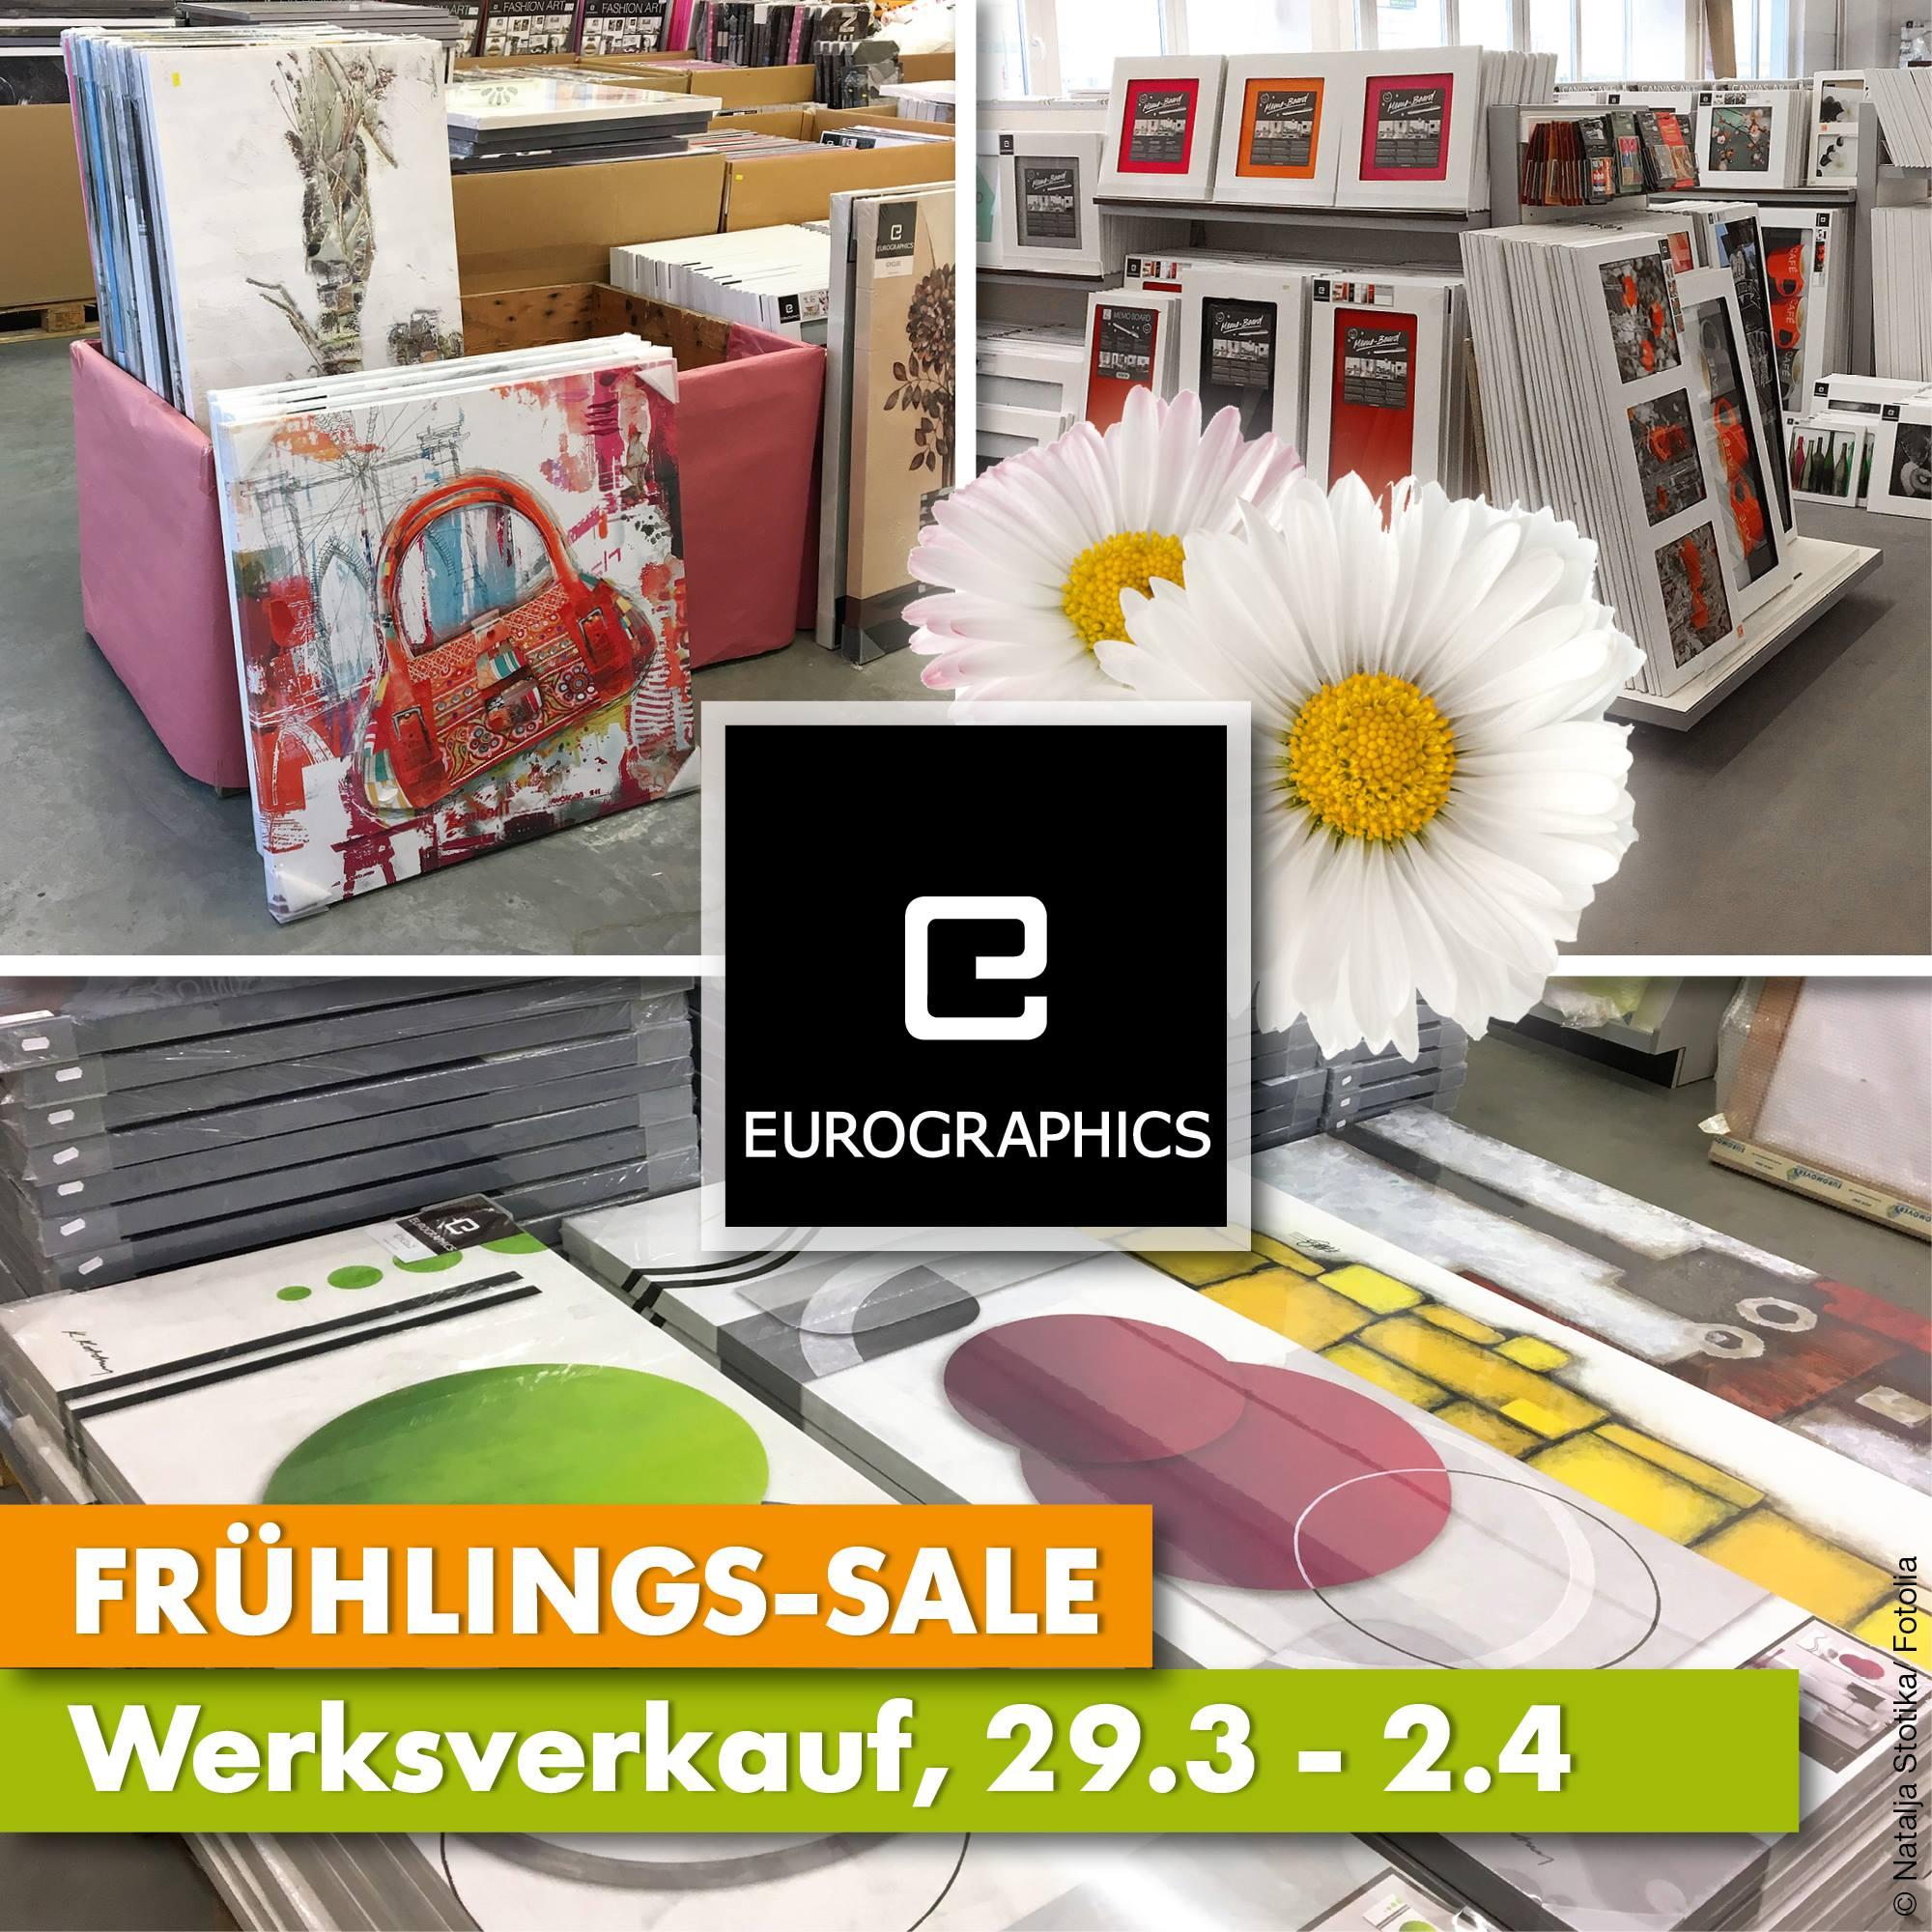 50% bei Eurographics Werkverkauf (Lokal Neutraubling)